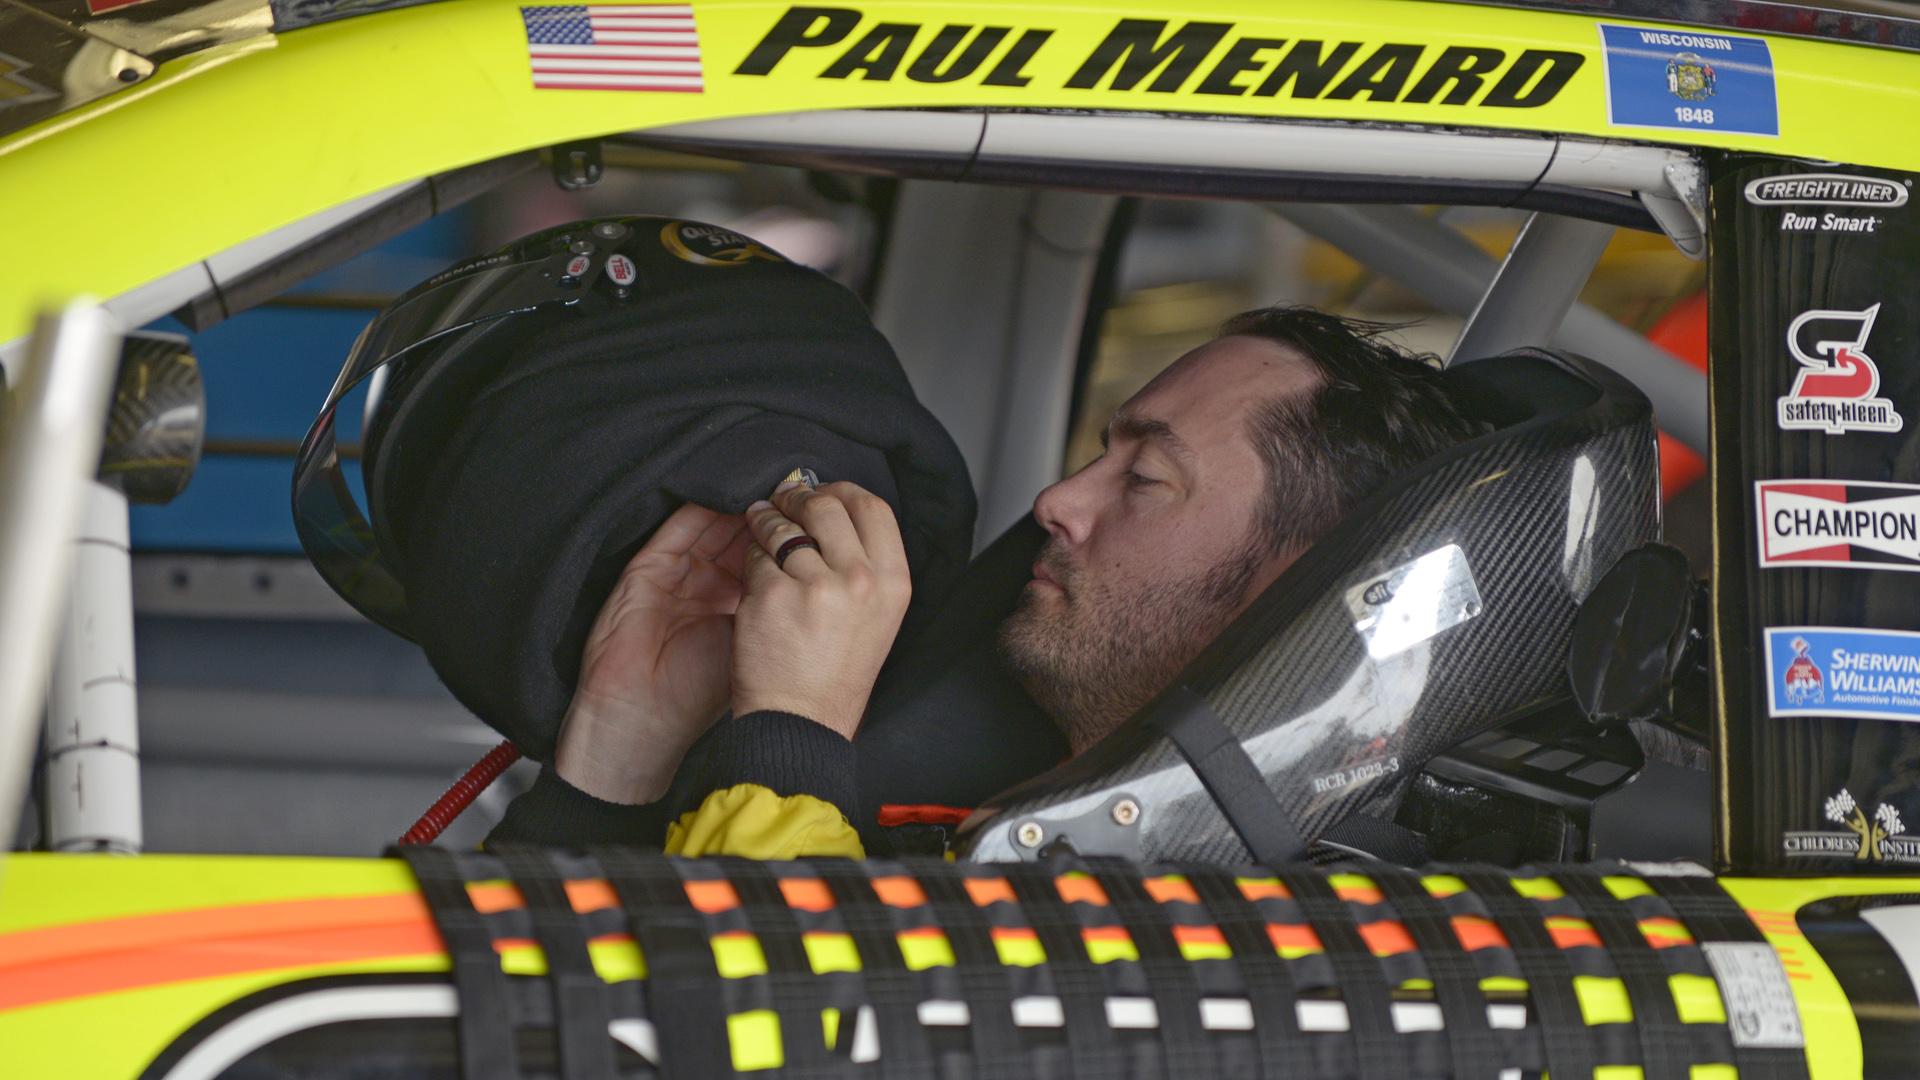 Paul Menard-030714-AP-FTR.jpg